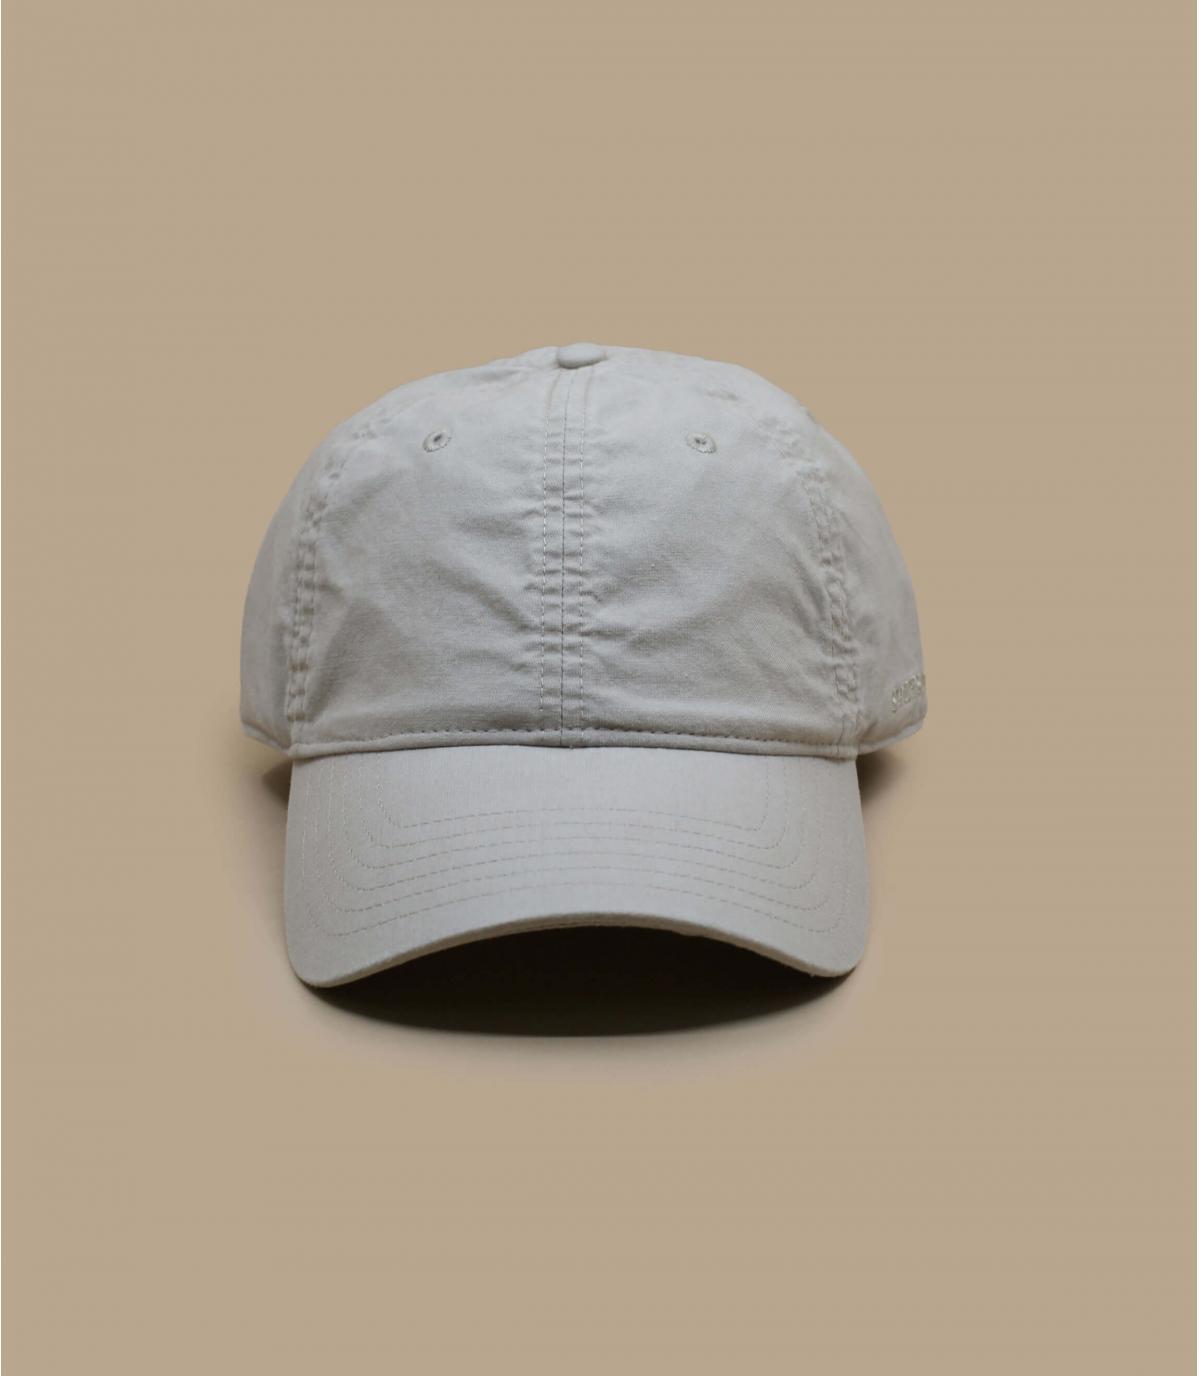 beigefarbener stetson trucker cap